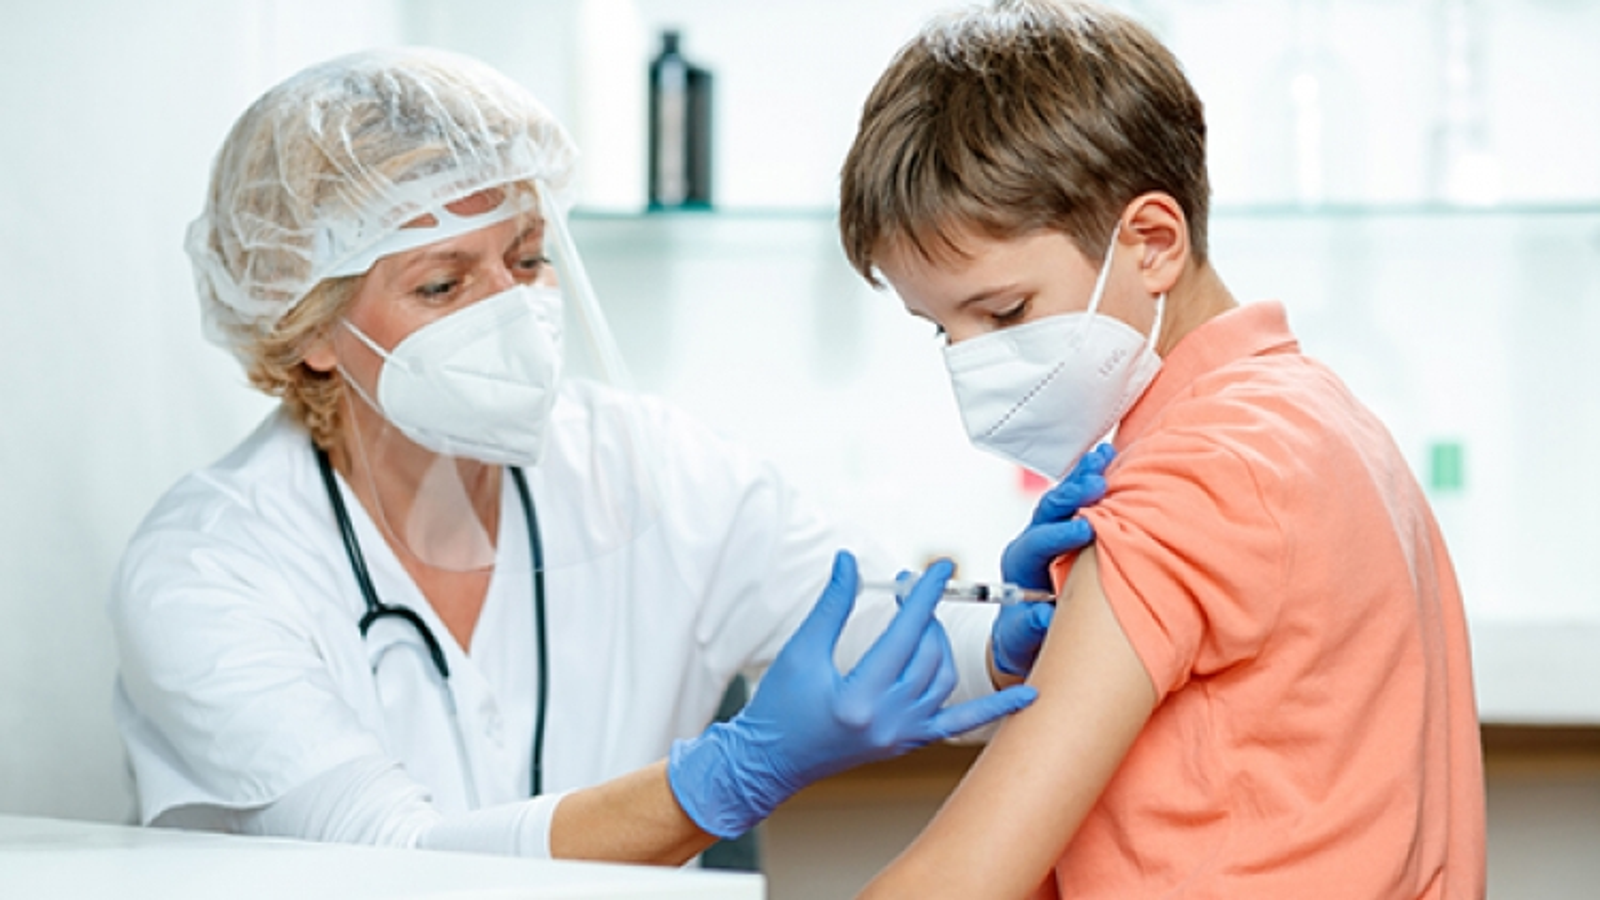 Kế hoạch tiêm vaccine Covid-19 cho 28 triệu trẻ em 5-11 tuổi ở Mỹ